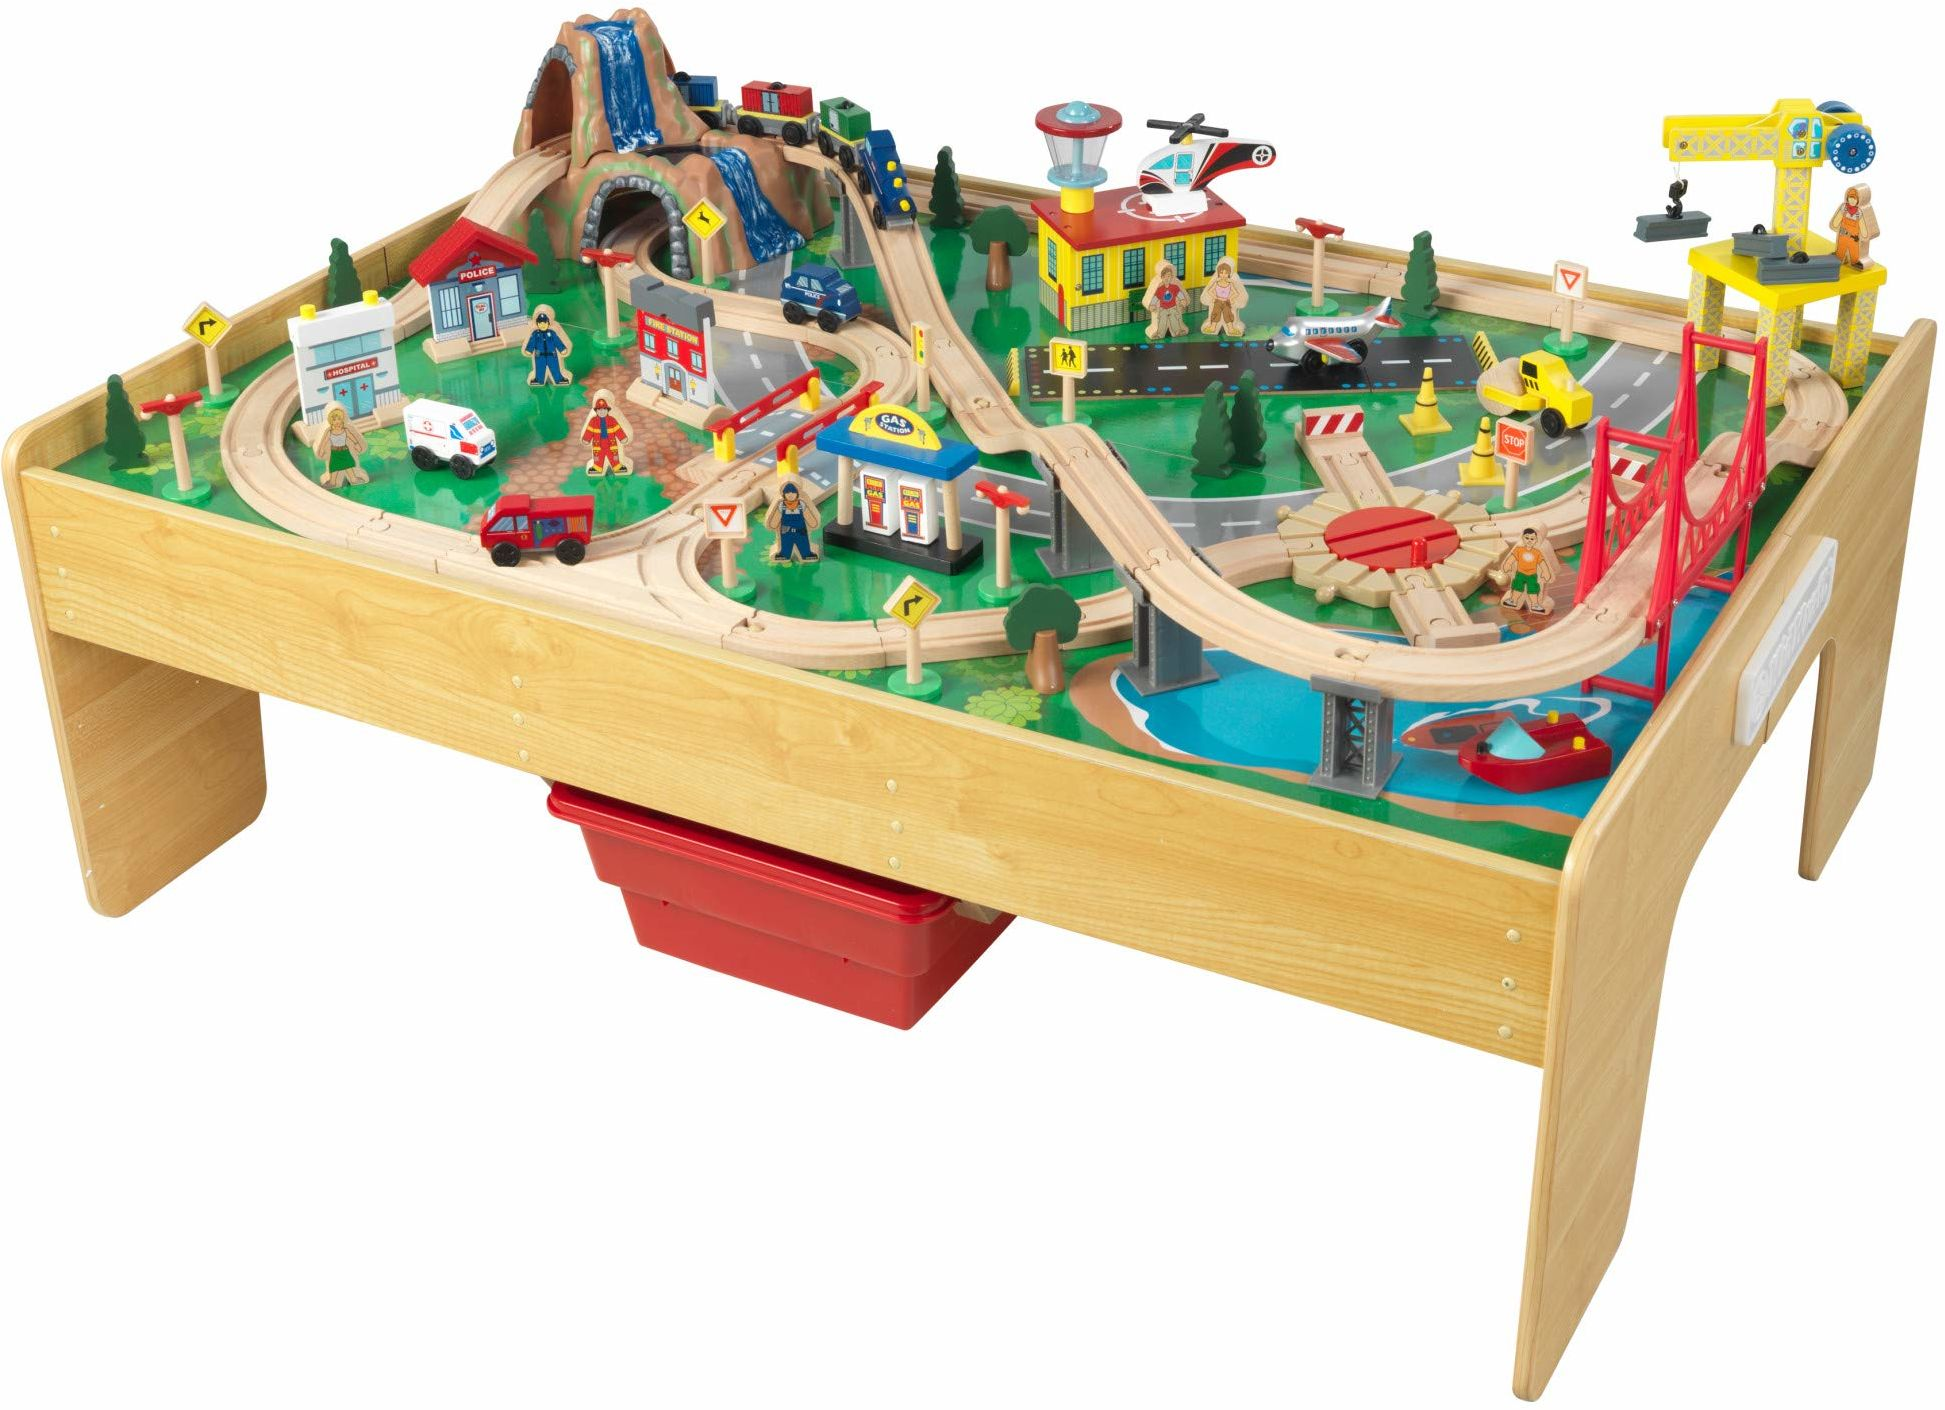 KidKraft 18025 Adventure Town drewniany zestaw torów kolejowych i stół dla dzieci, zestaw zabawkowy do aktywności kolejowej z akcesoriami w zestawie (120 sztuk) z montażem EZ Kraft